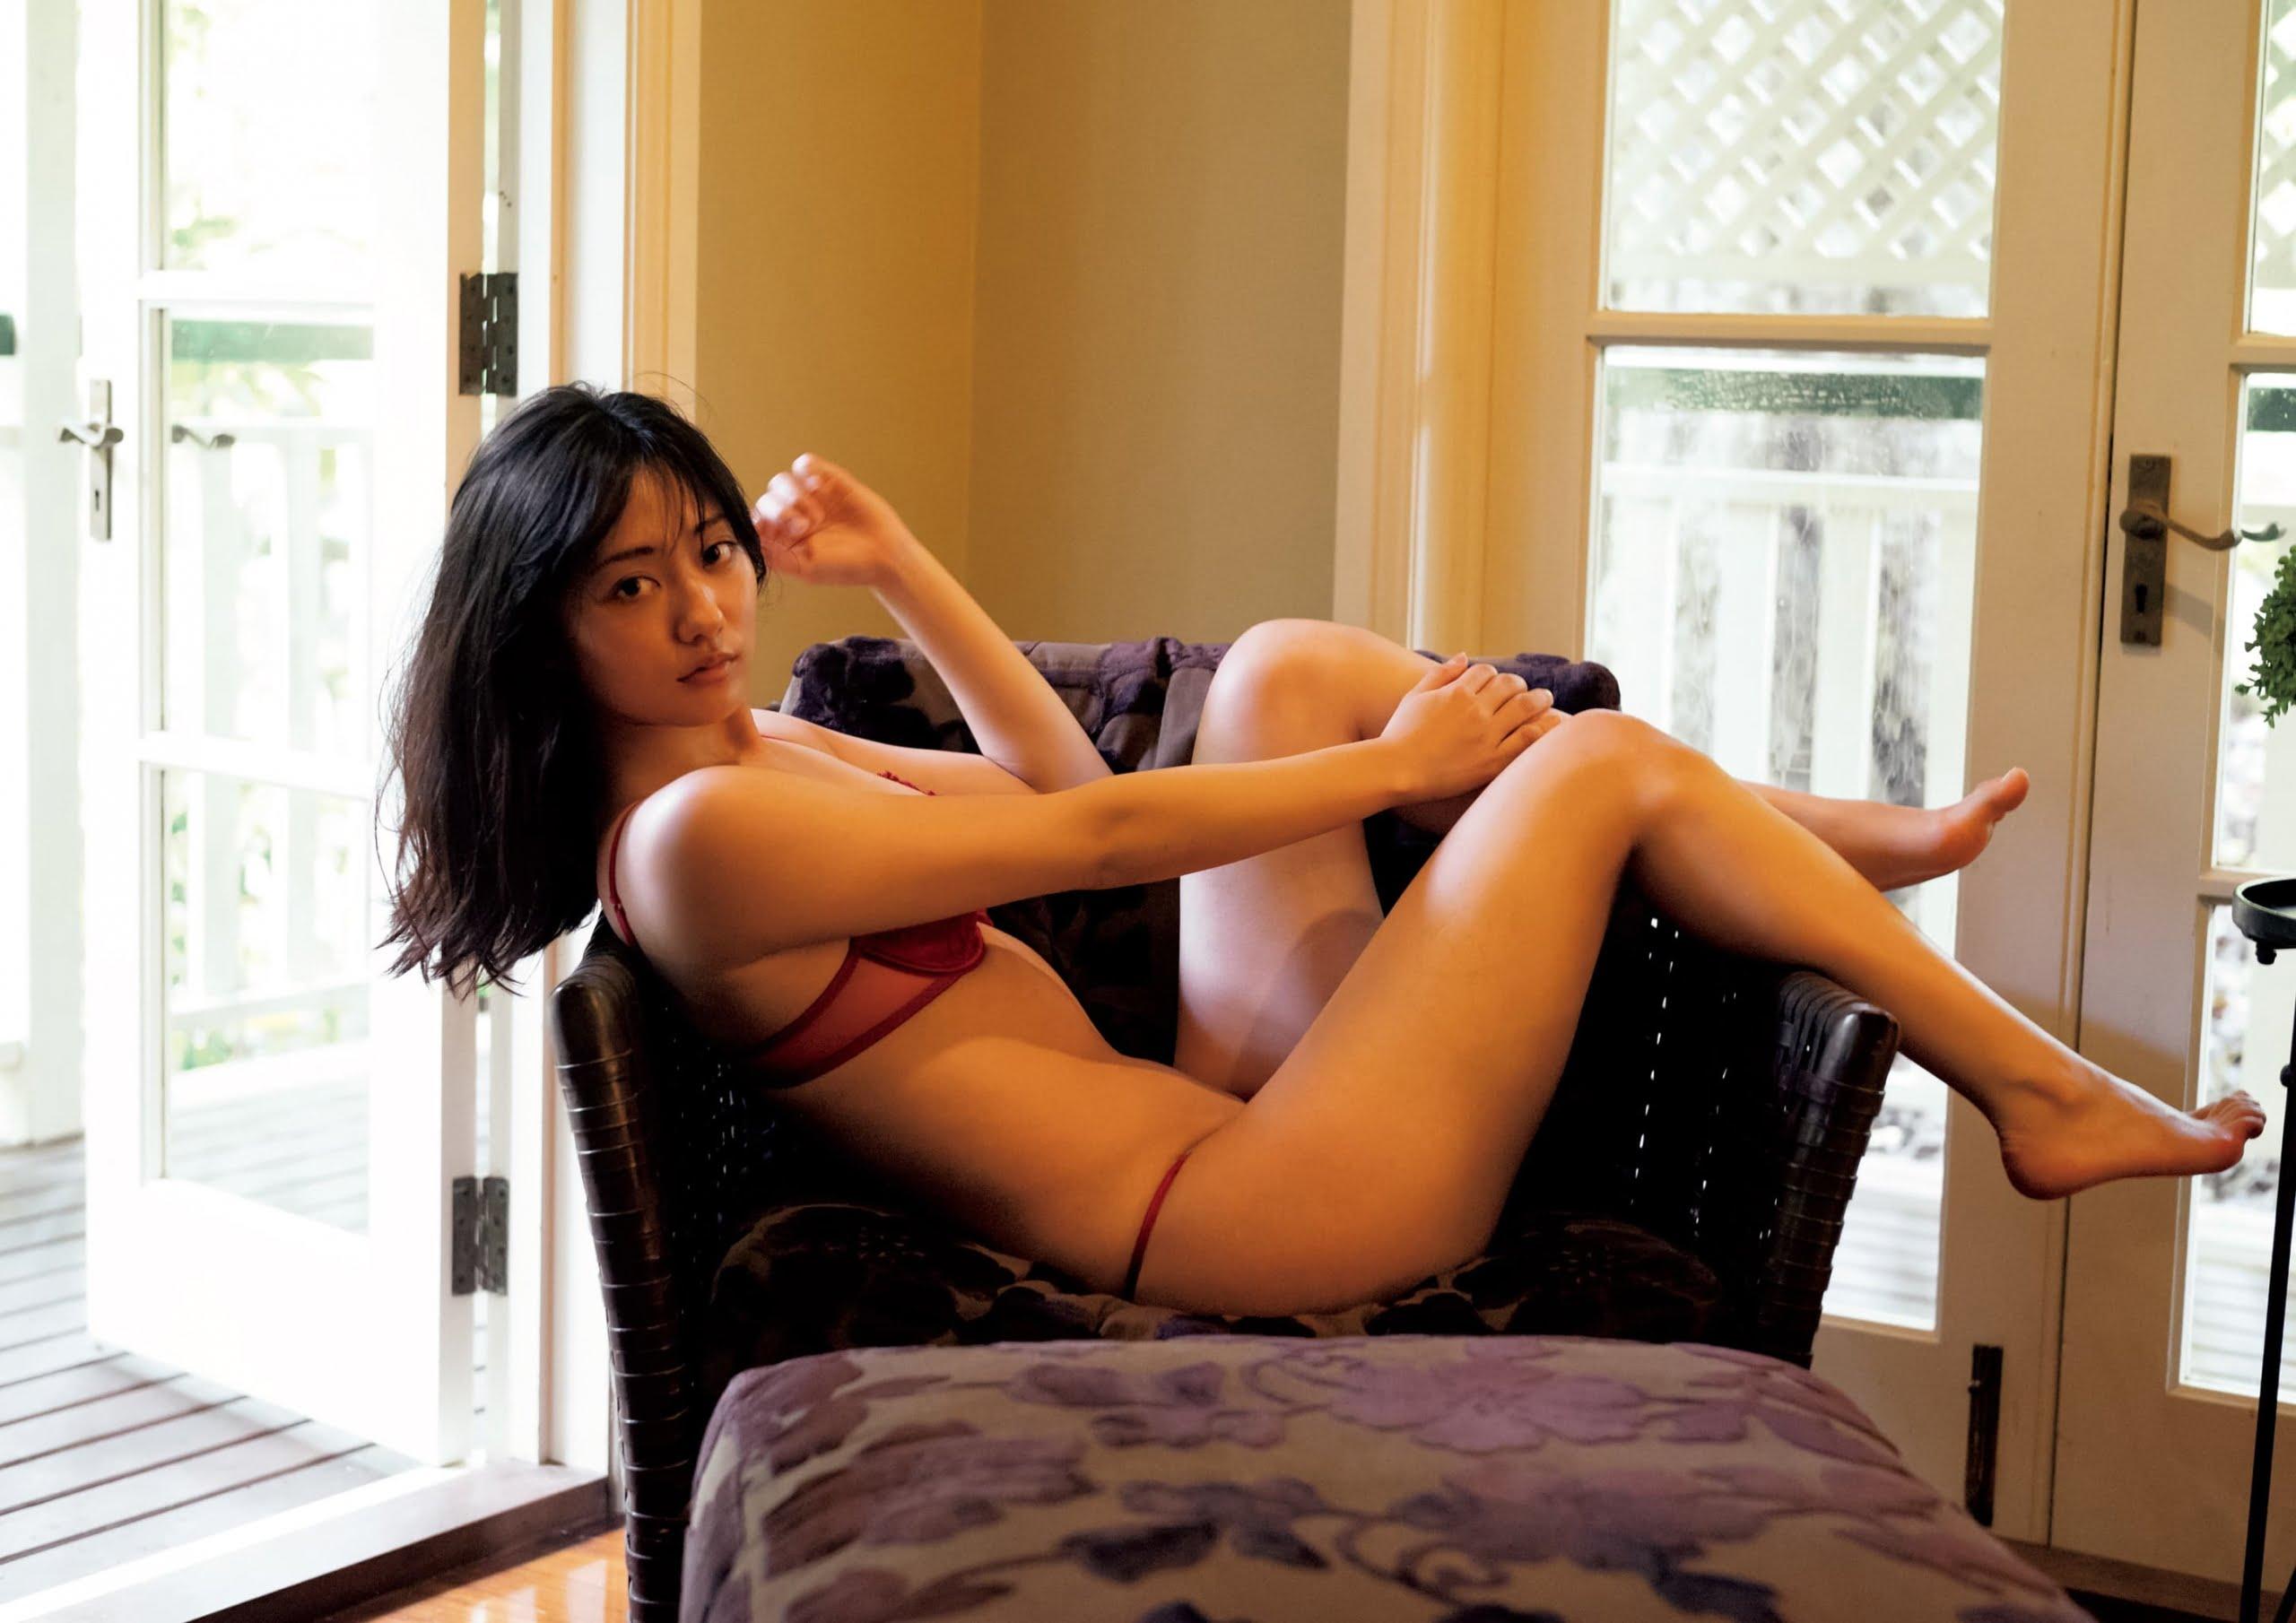 グラビアアイドル写真集|大人の美ボディにますます磨きがかかった奥山かずさグラドル画像まとめ その4 133枚